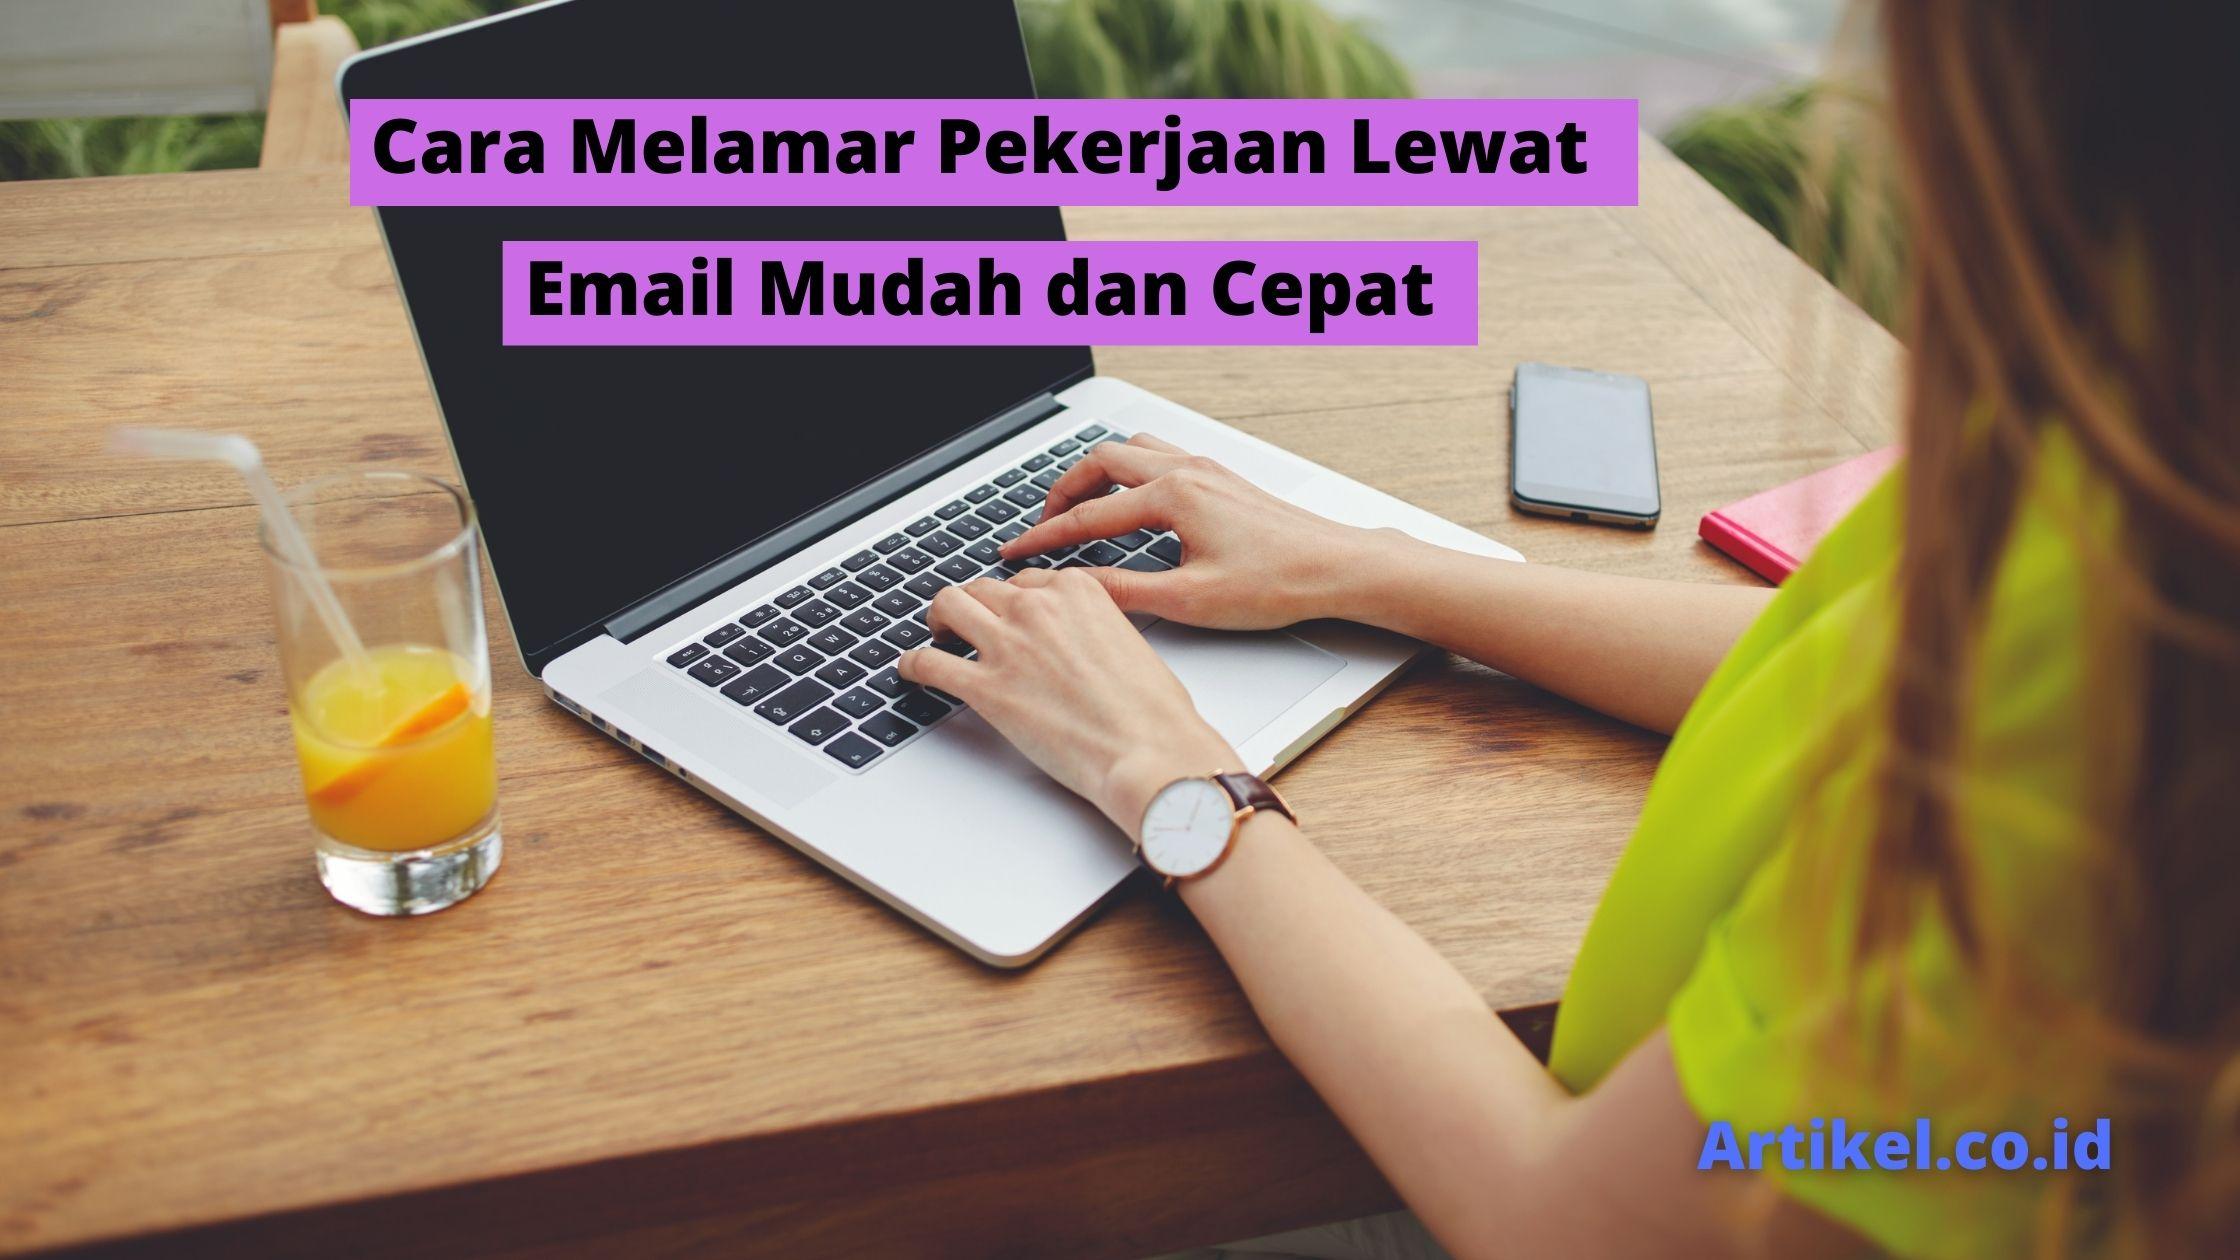 Read more about the article Cara Melamar Pekerjaan Lewat Email Mudah dan Cepat